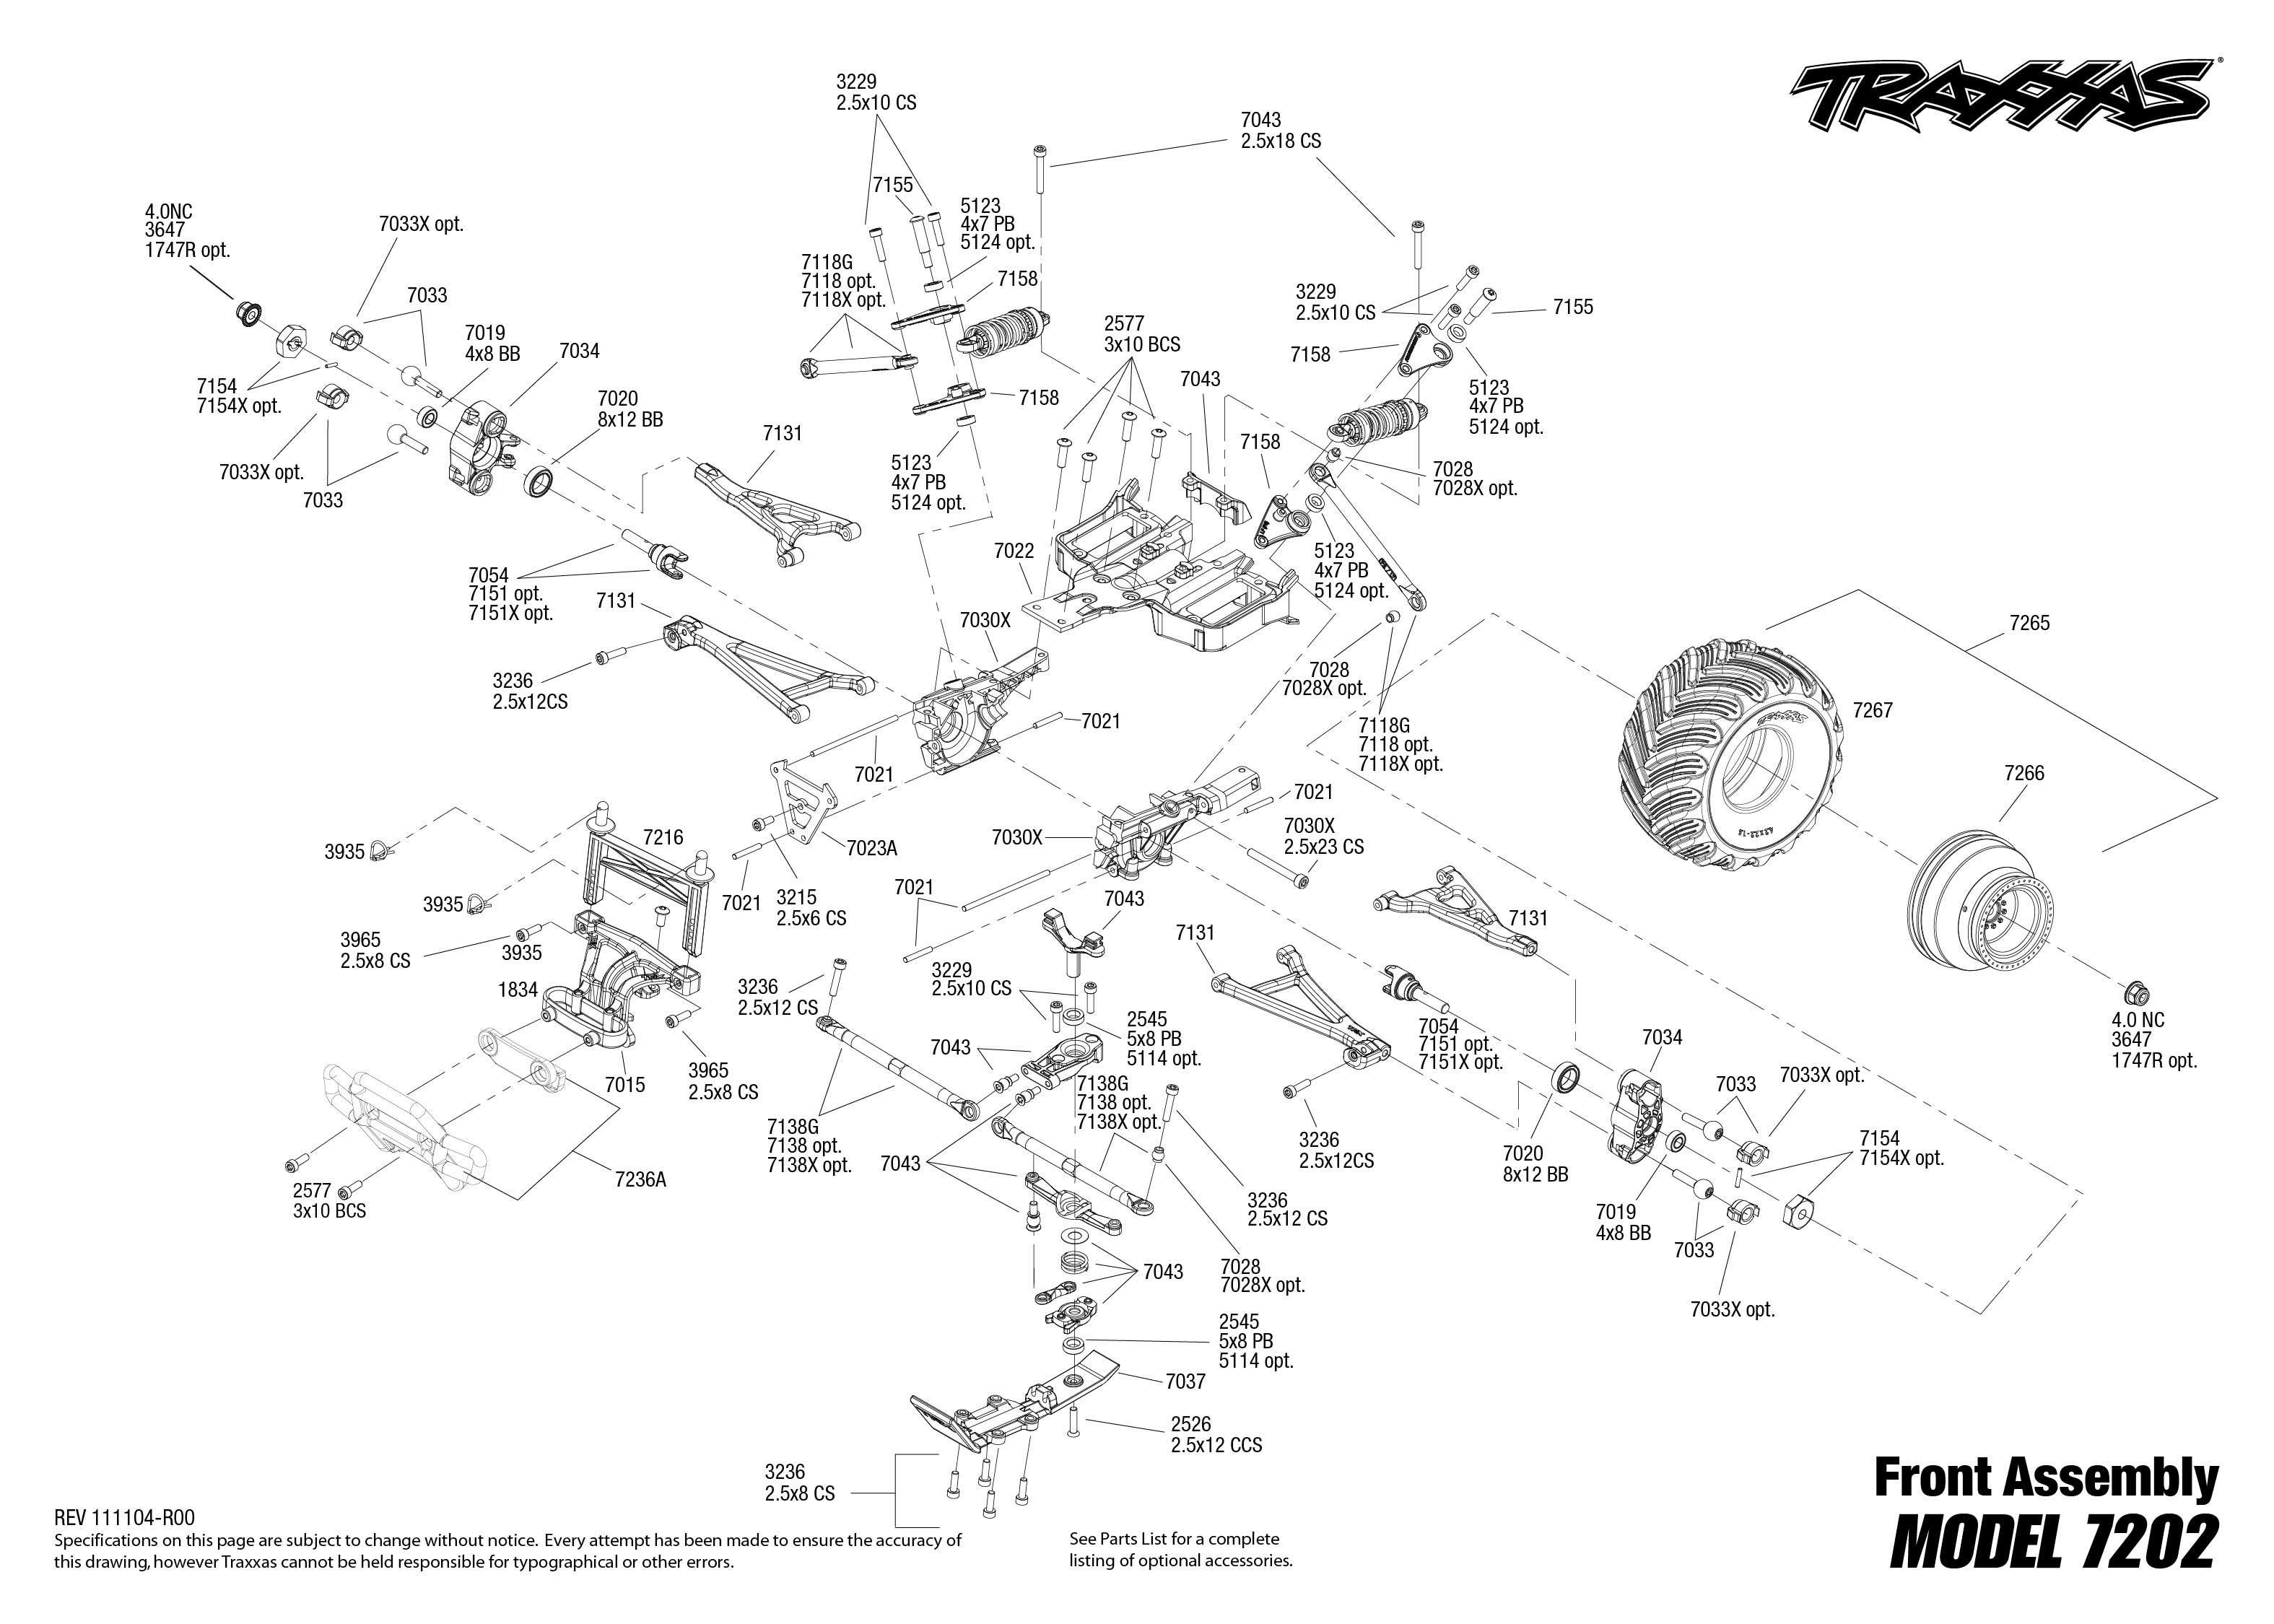 traxxas bouwtekening voorkant 1  16 grave digger